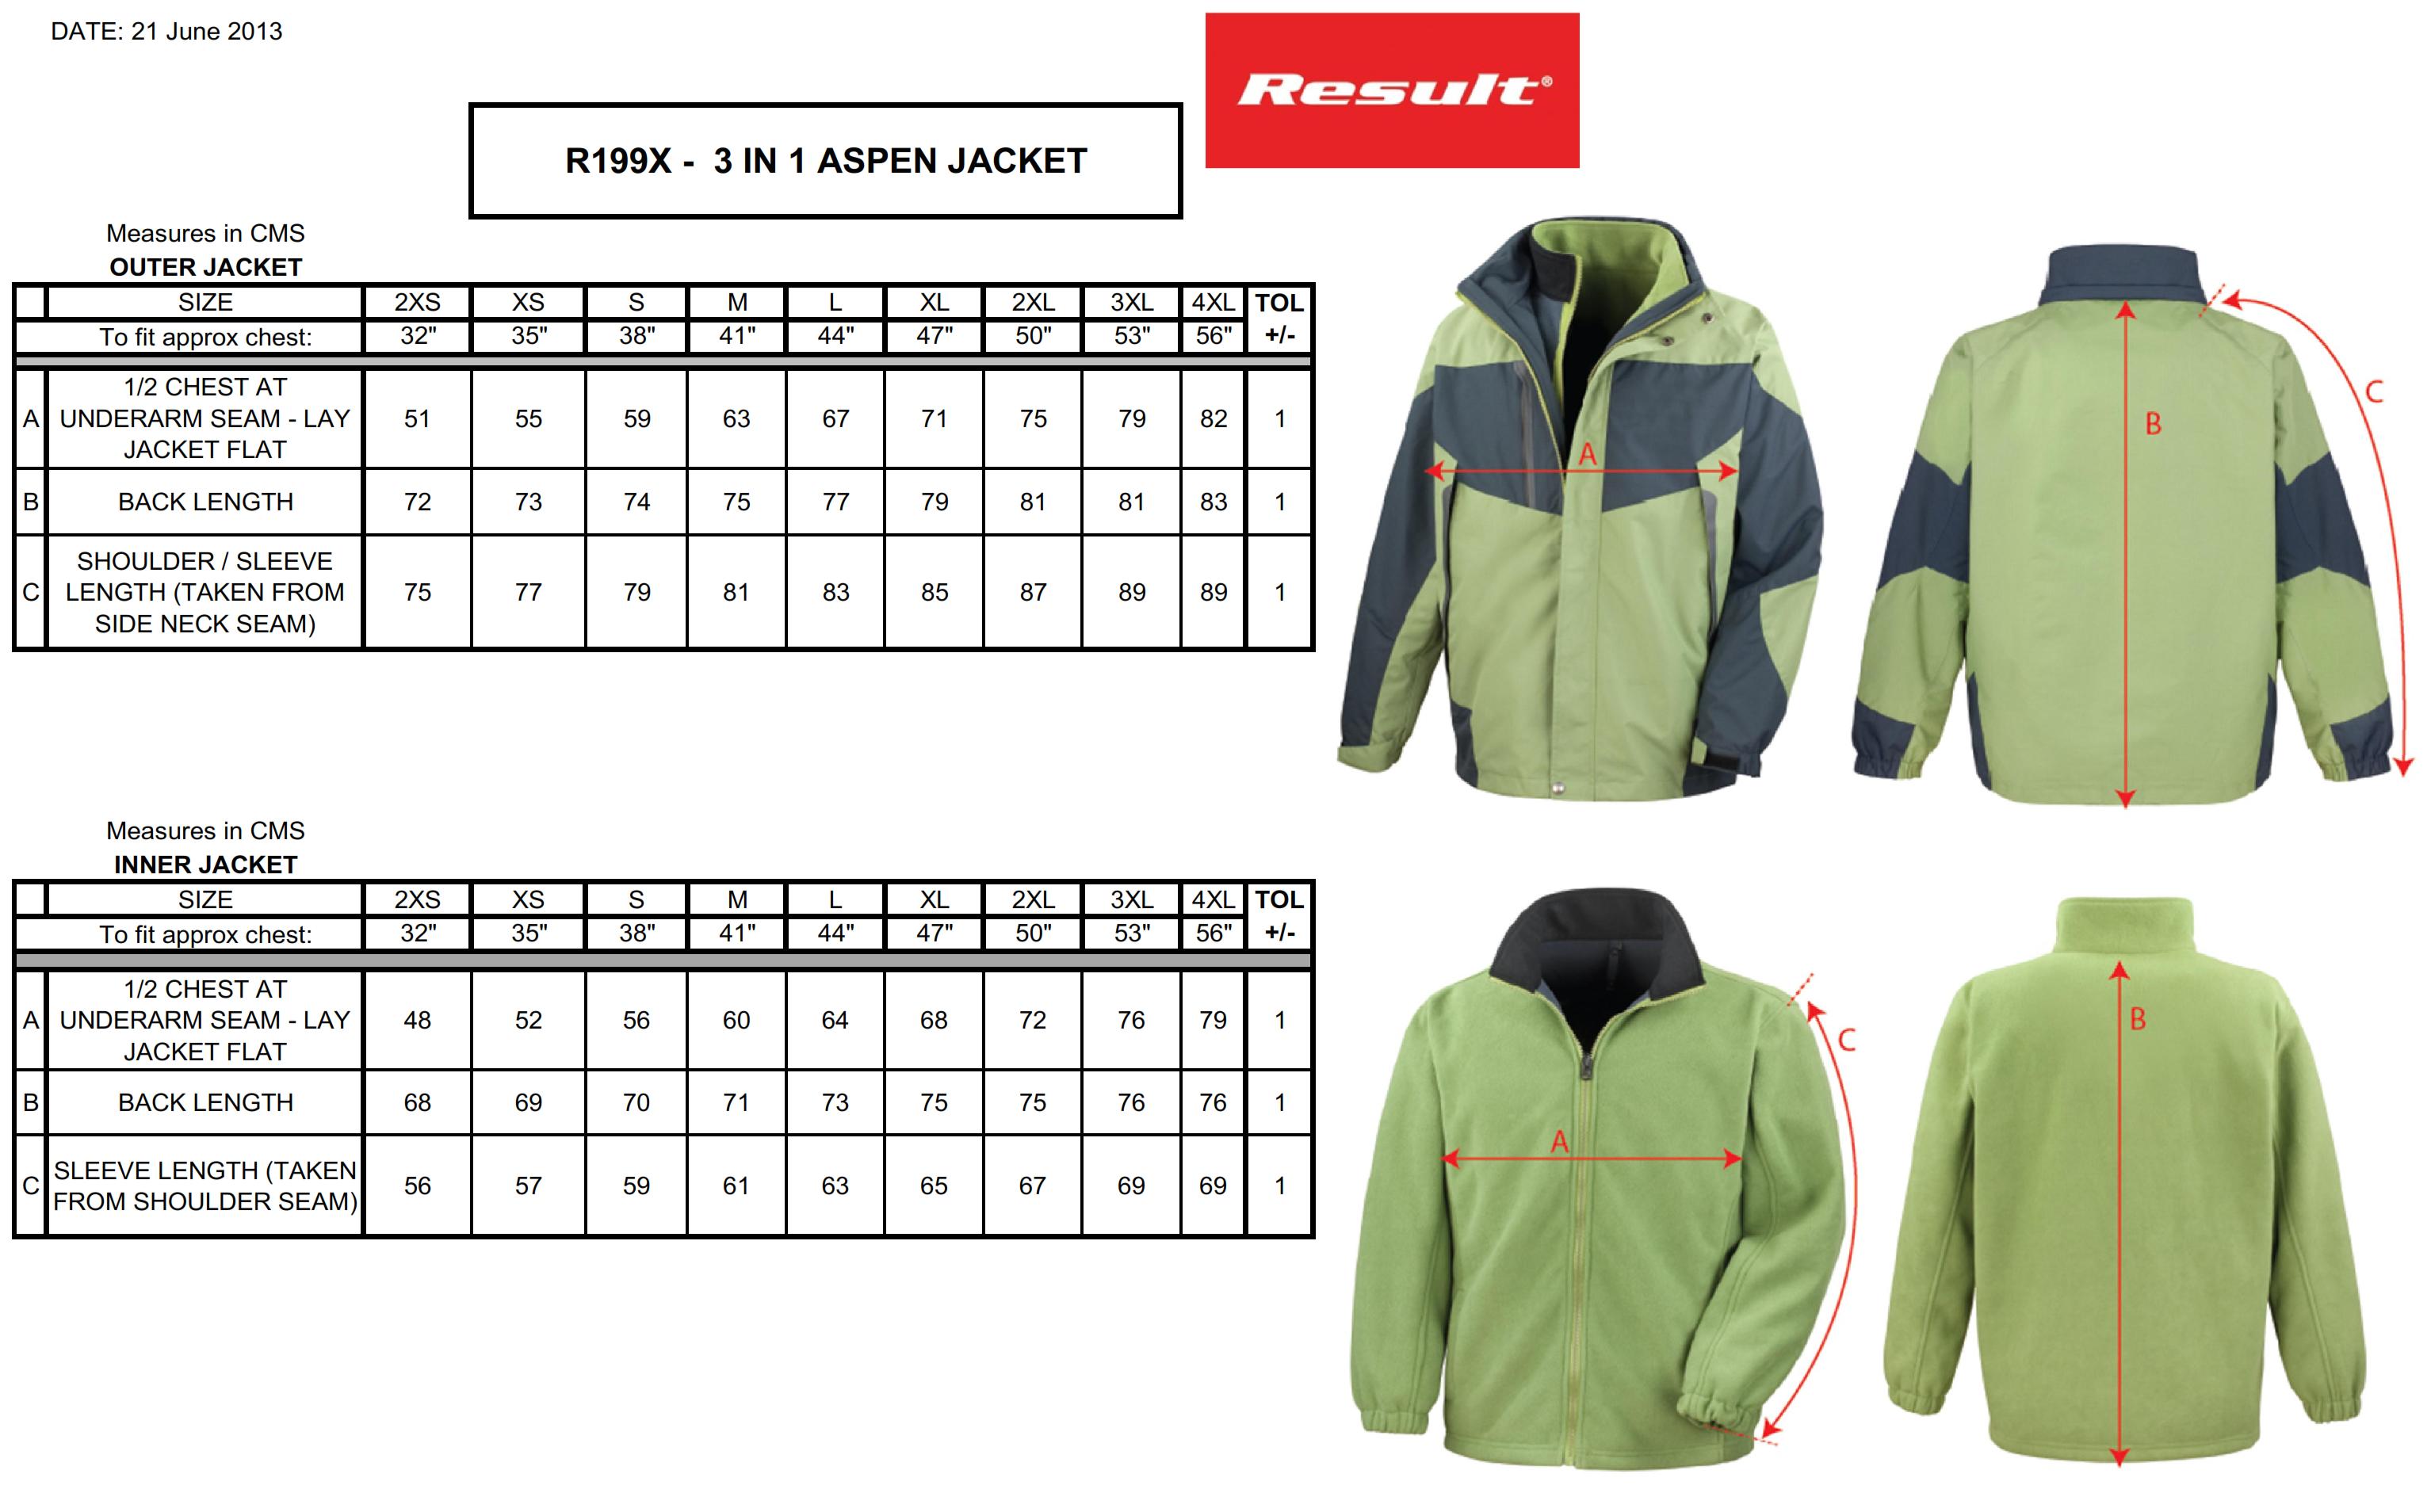 Result: 3-in-1 Aspen Jacket R199X